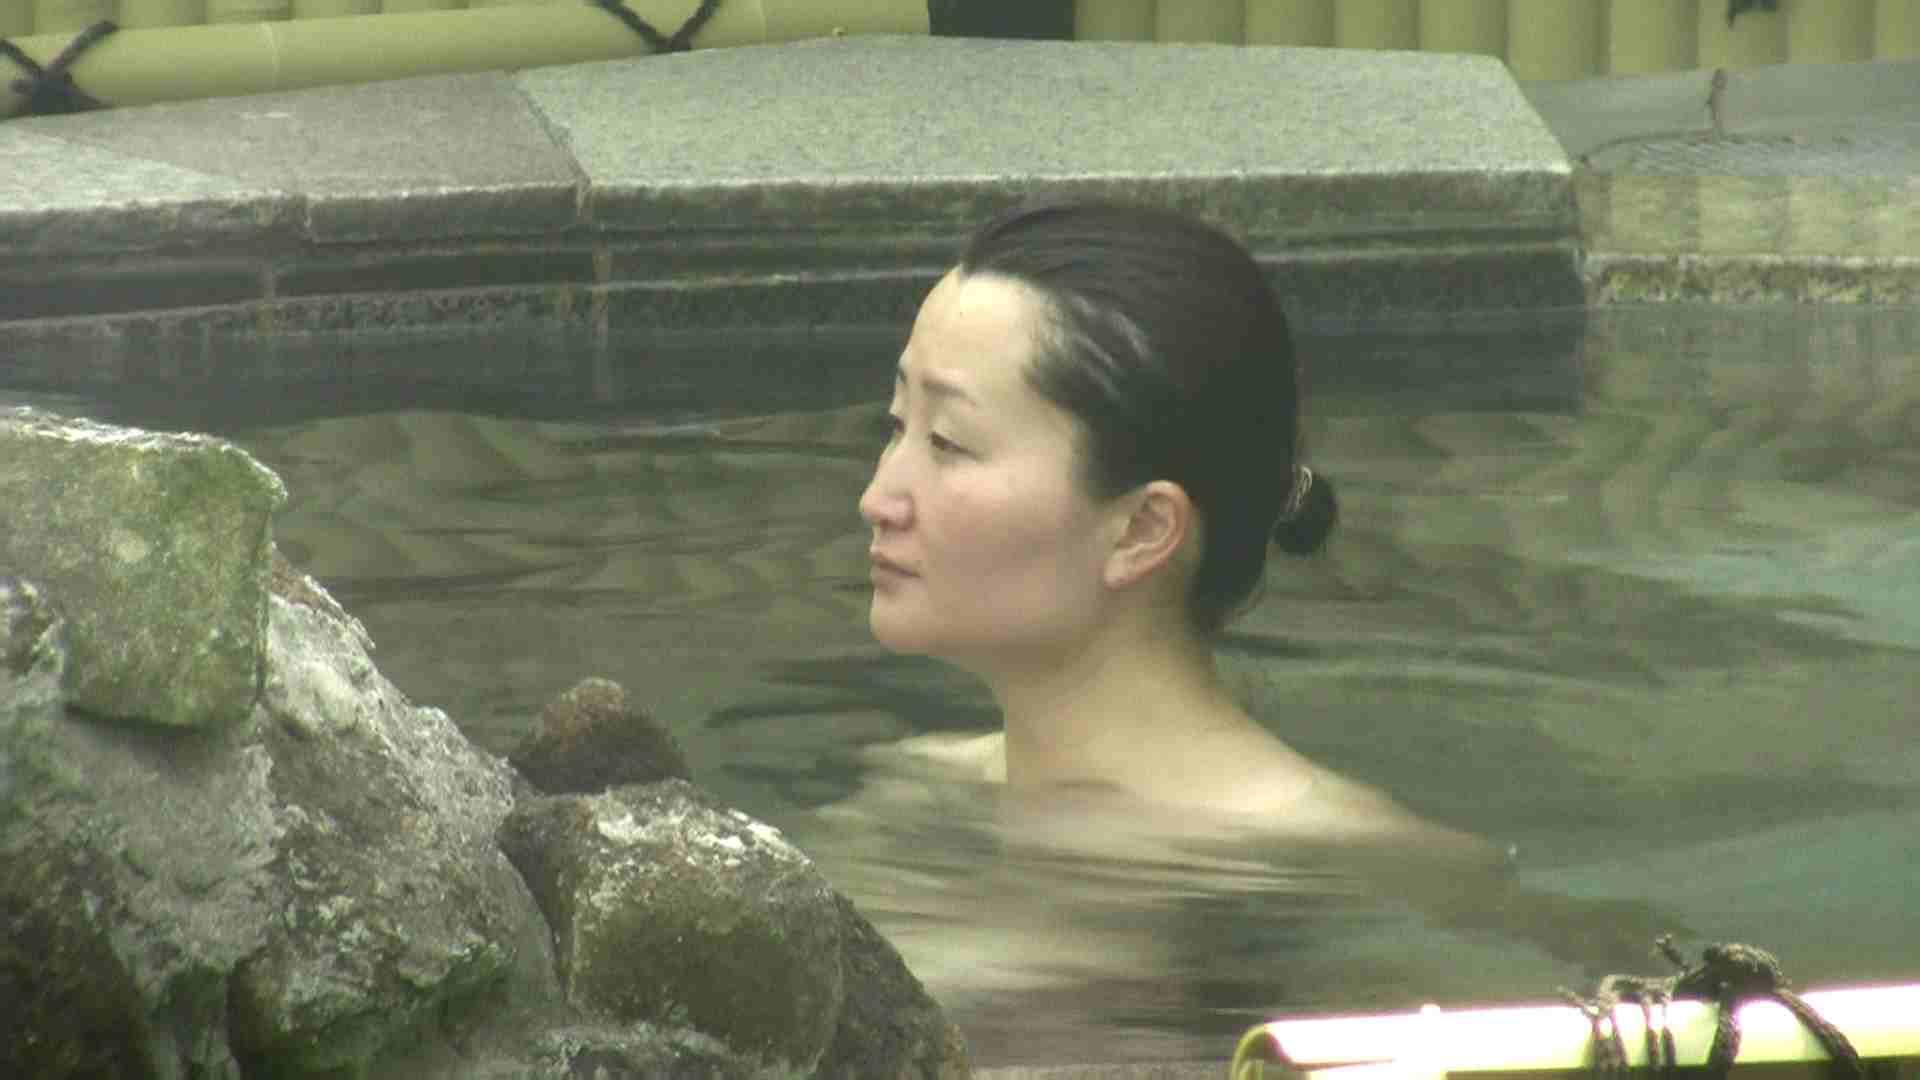 Aquaな露天風呂Vol.632 OL女体 のぞき動画画像 75連発 38